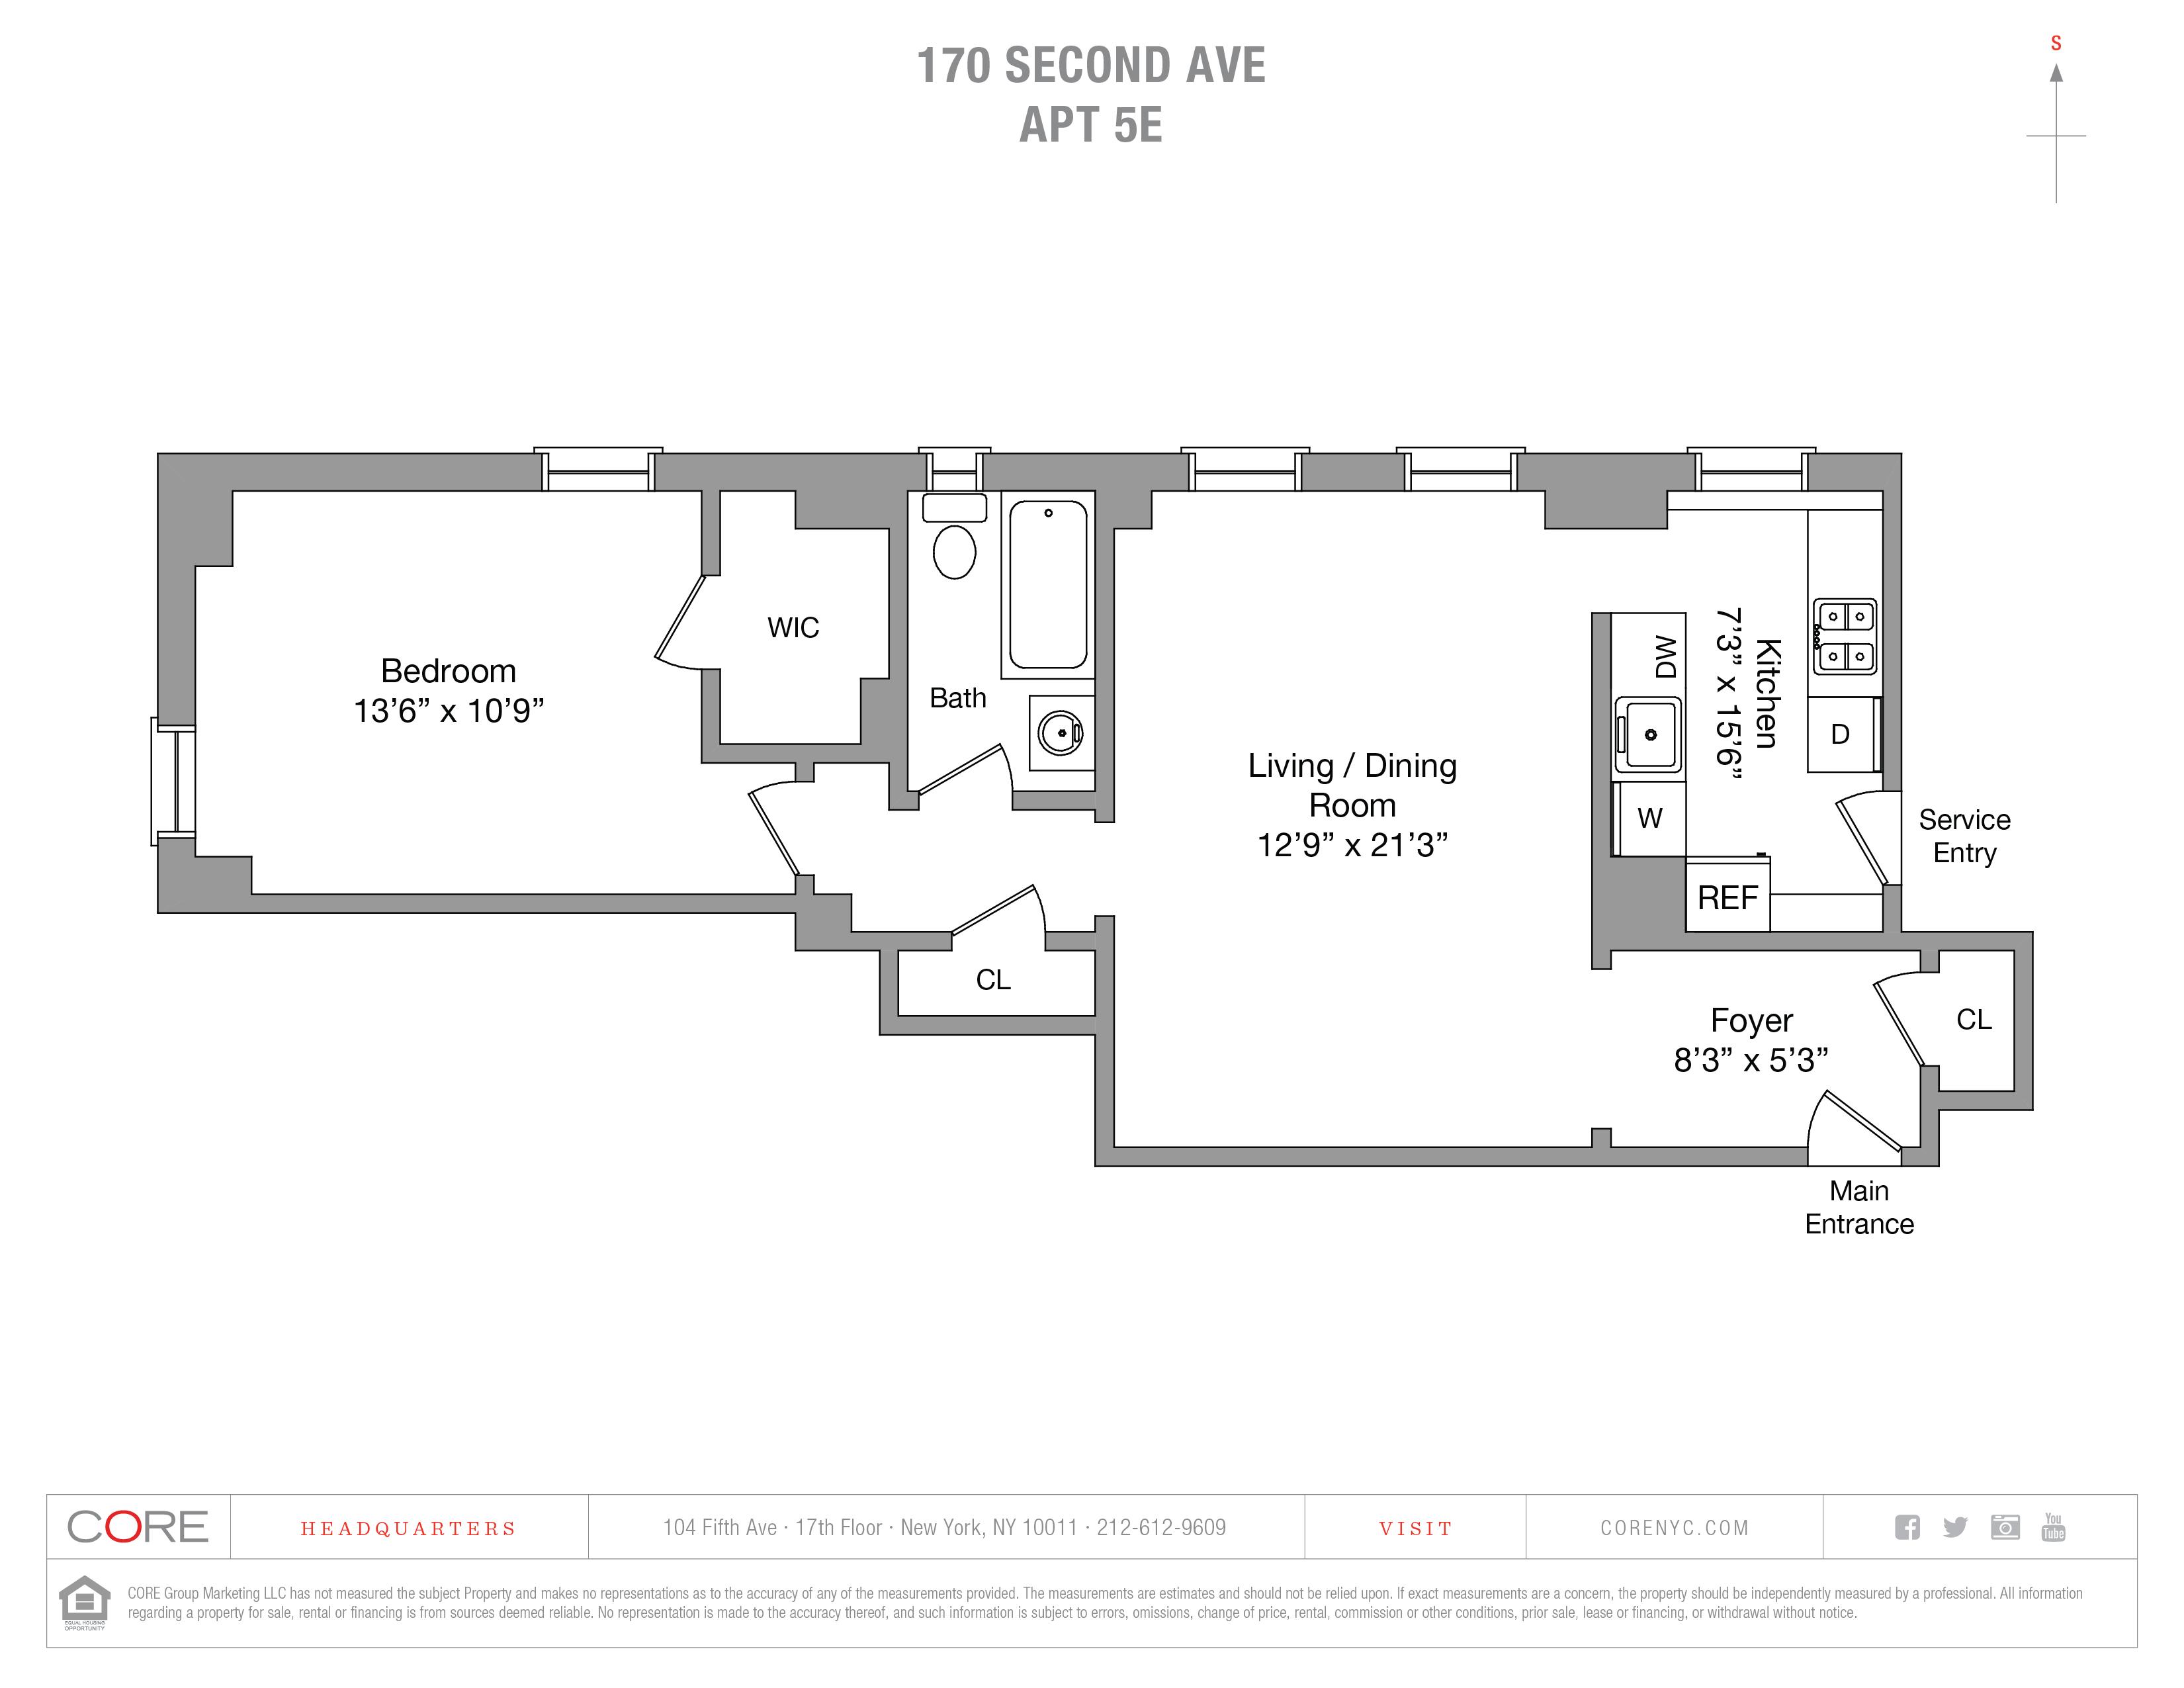 170 Second Ave. 5E, New York, NY 10003